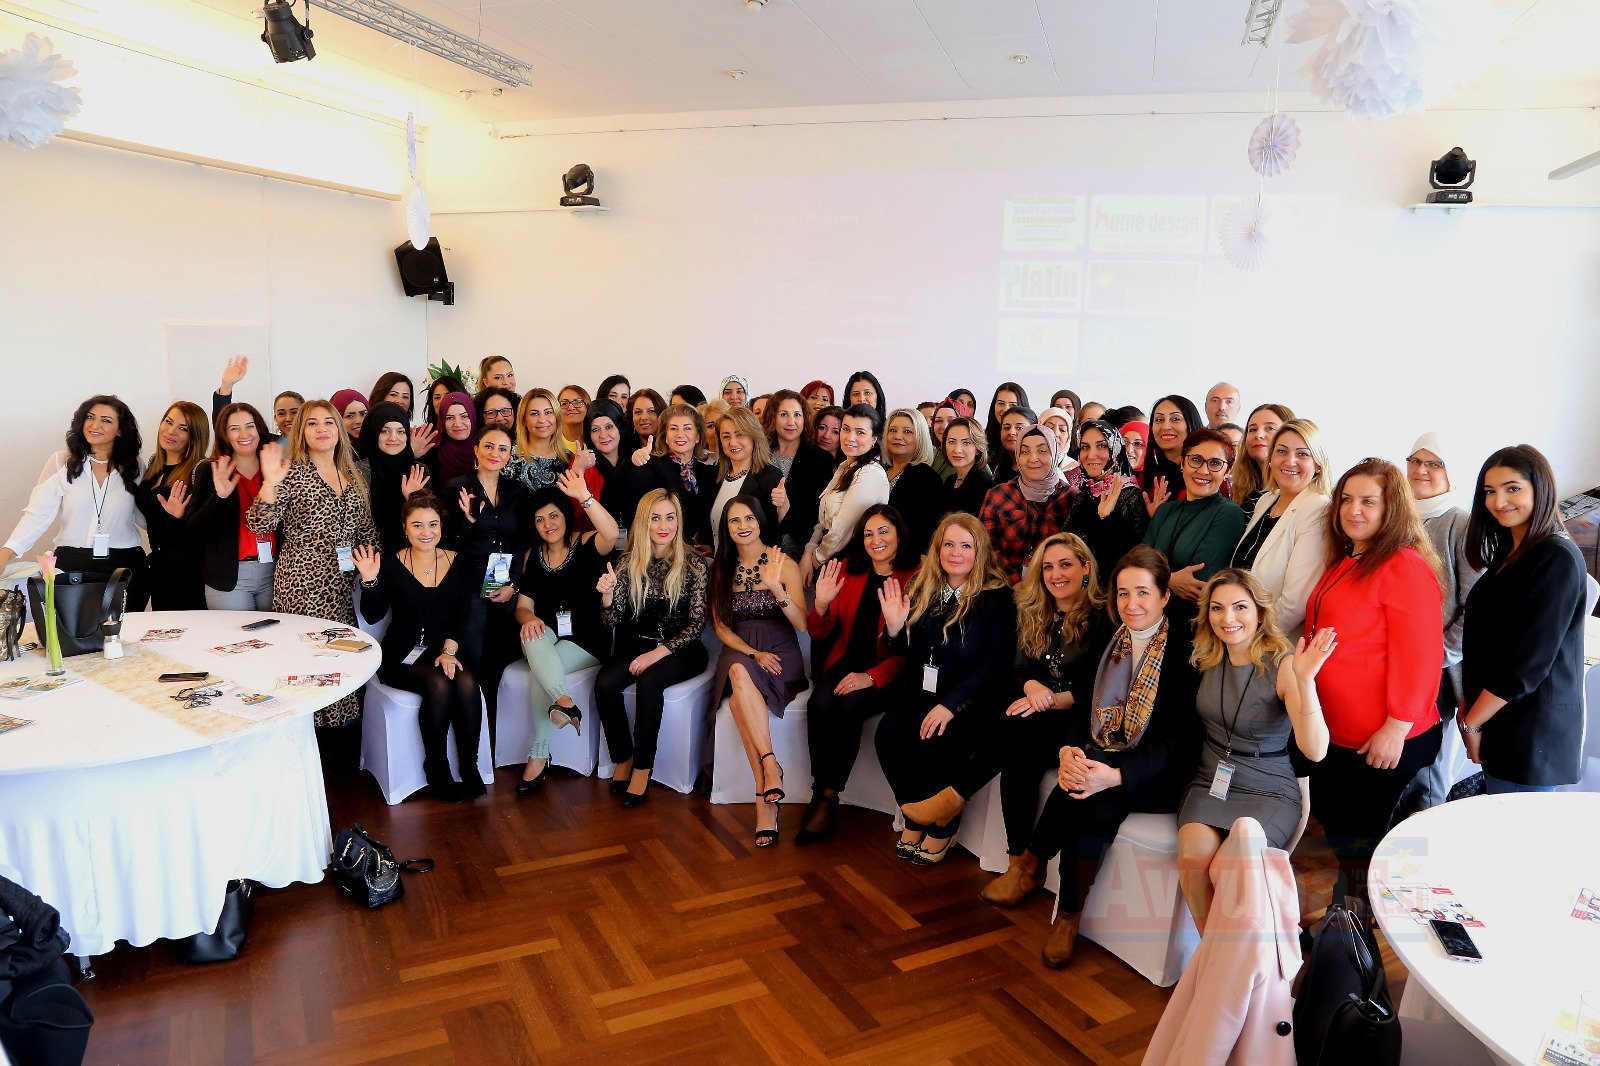 Kadınların başarısı toplumu'da başarılı kılar